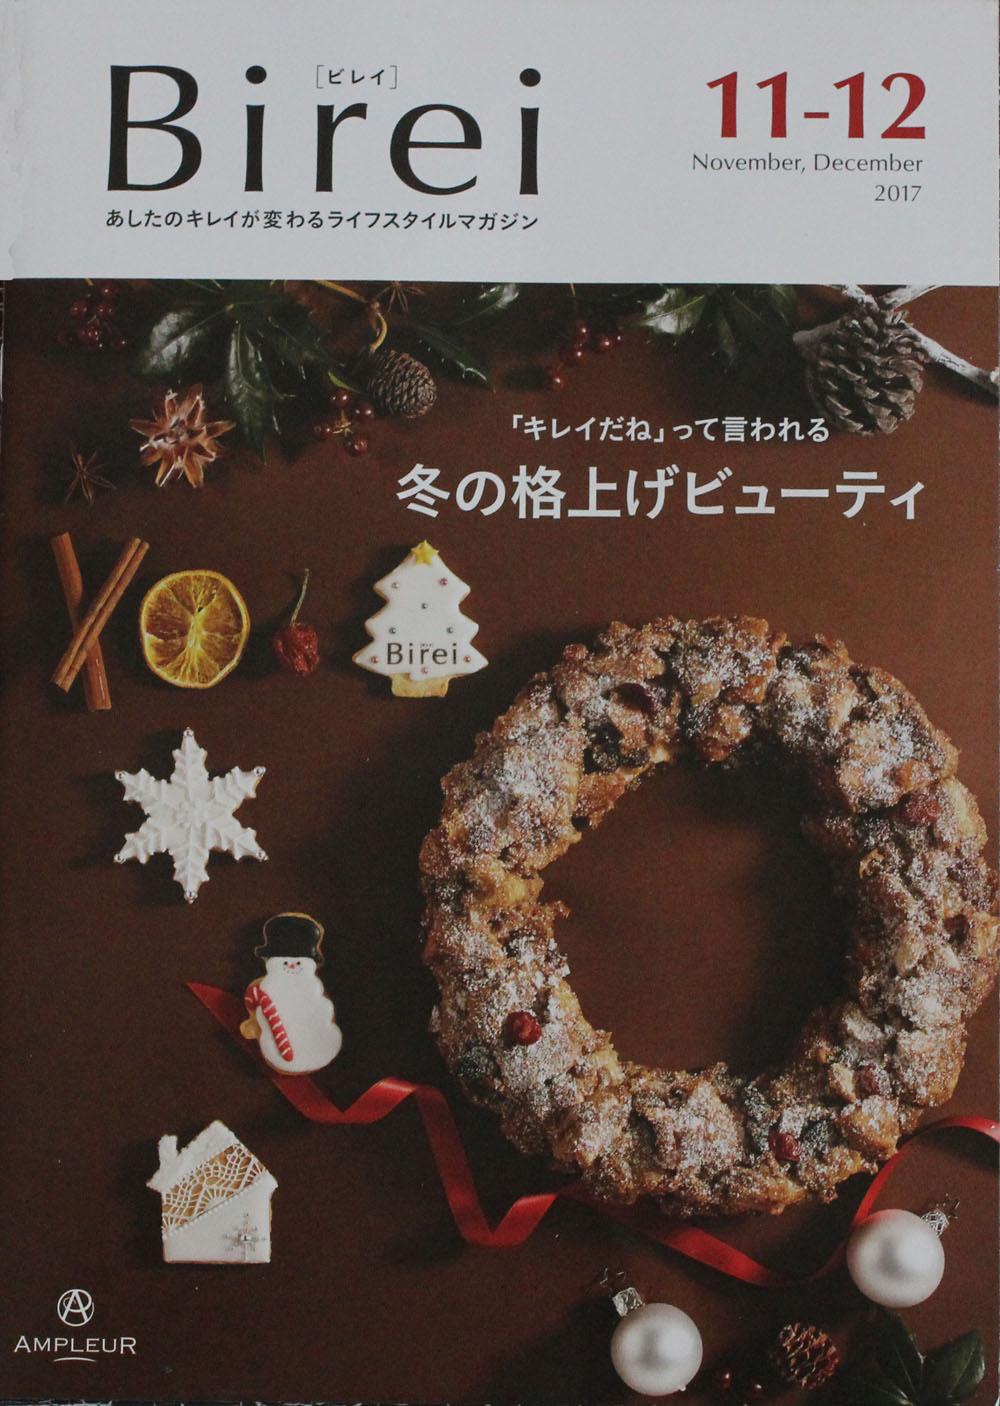 Birei」の11,12月号の表紙スタイリング用アイシングクッキーを制作